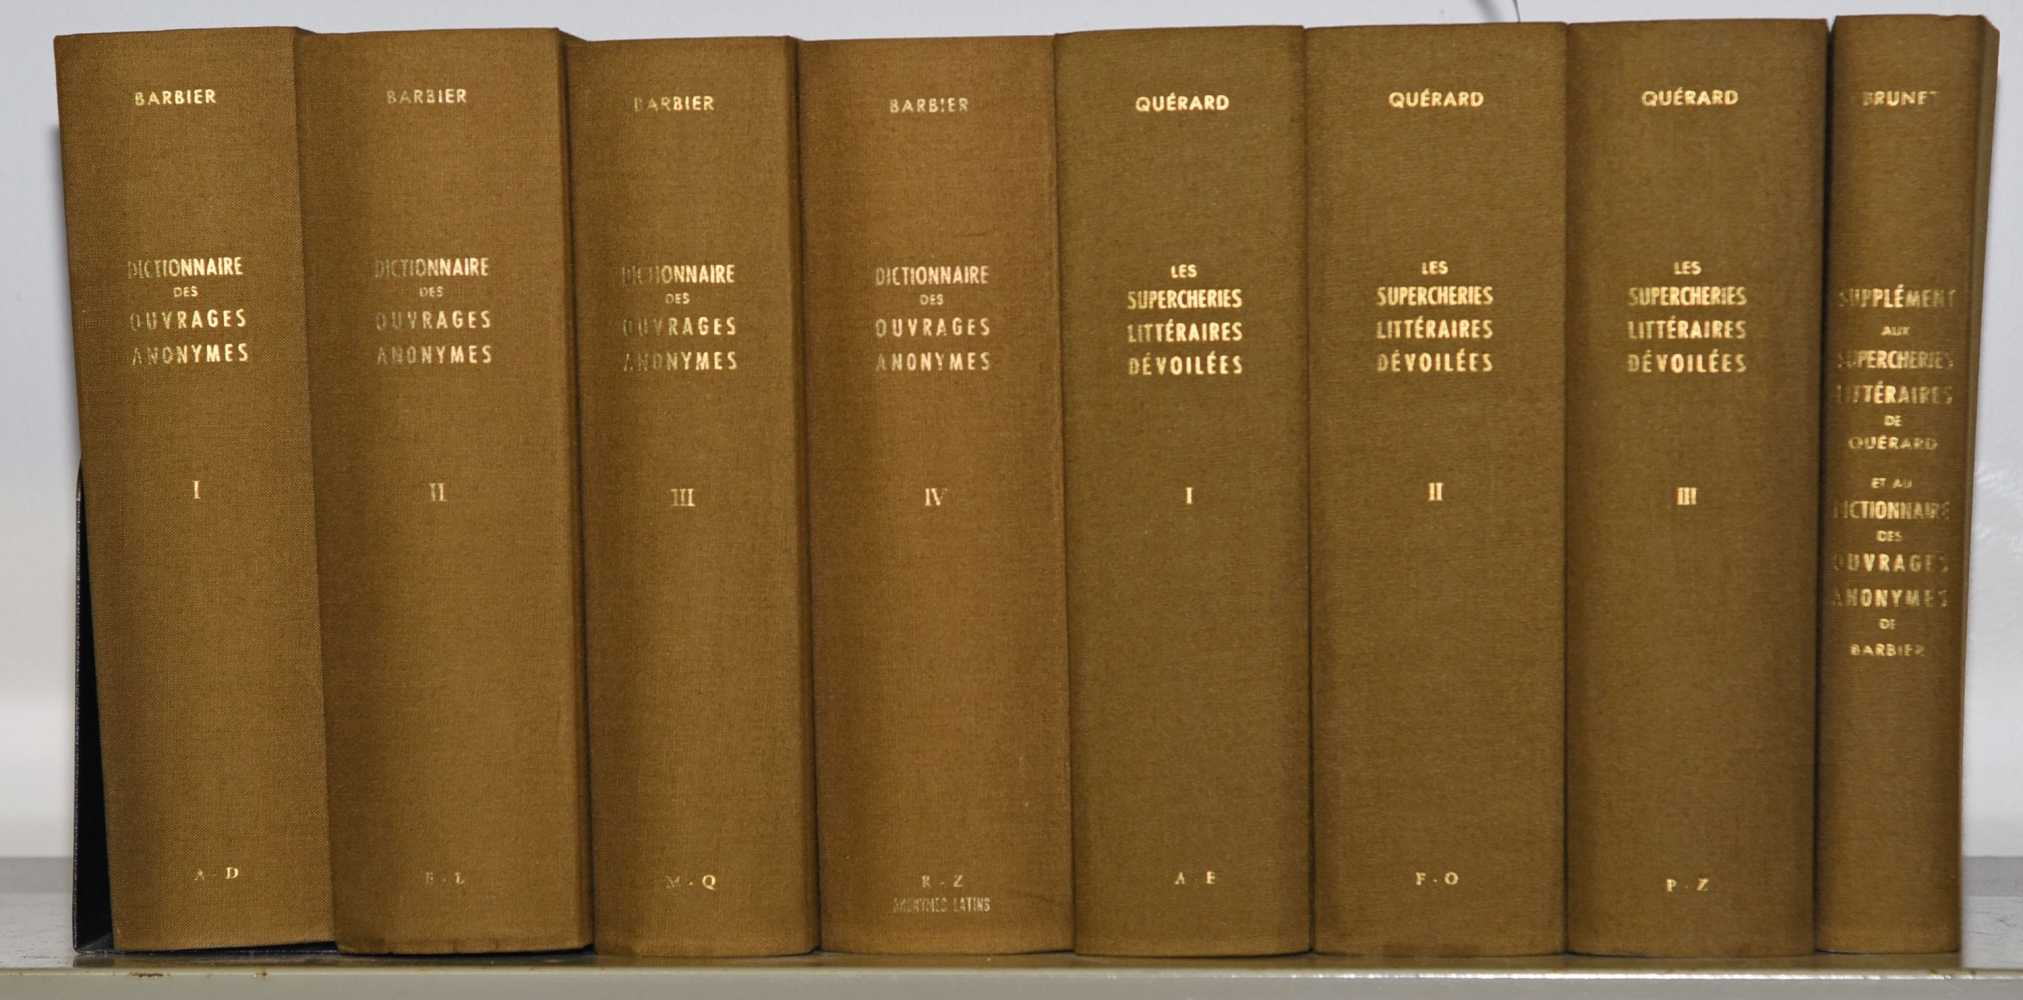 BARBIER, A.-E. Dictionaire des ouvrages anonymes